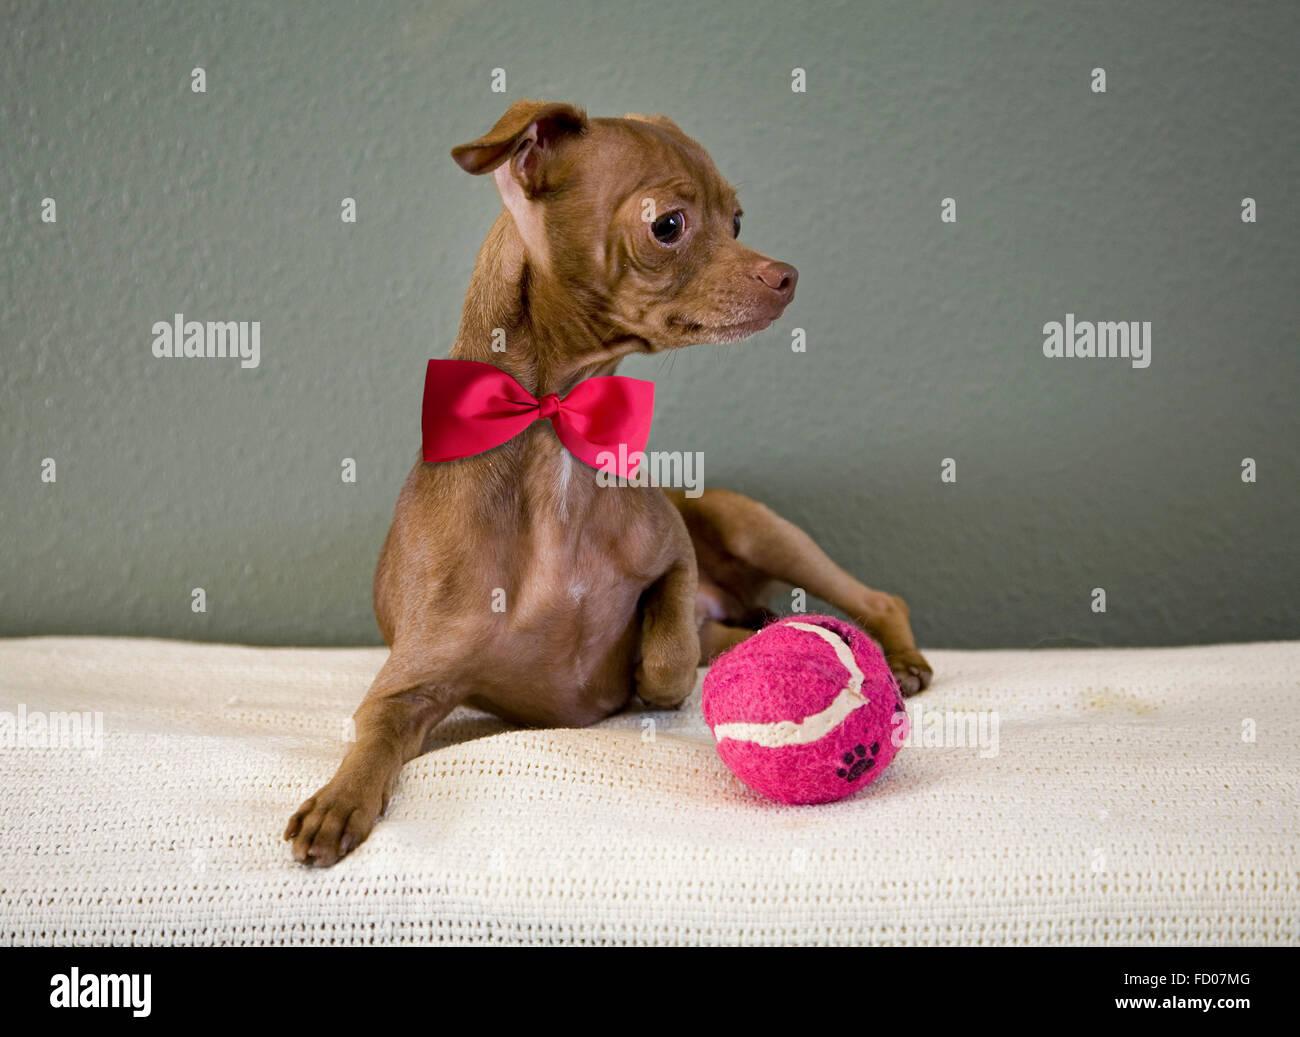 Ein Kleines Mexican Hairless Chihuahua Mit Einem Roten Tennisball